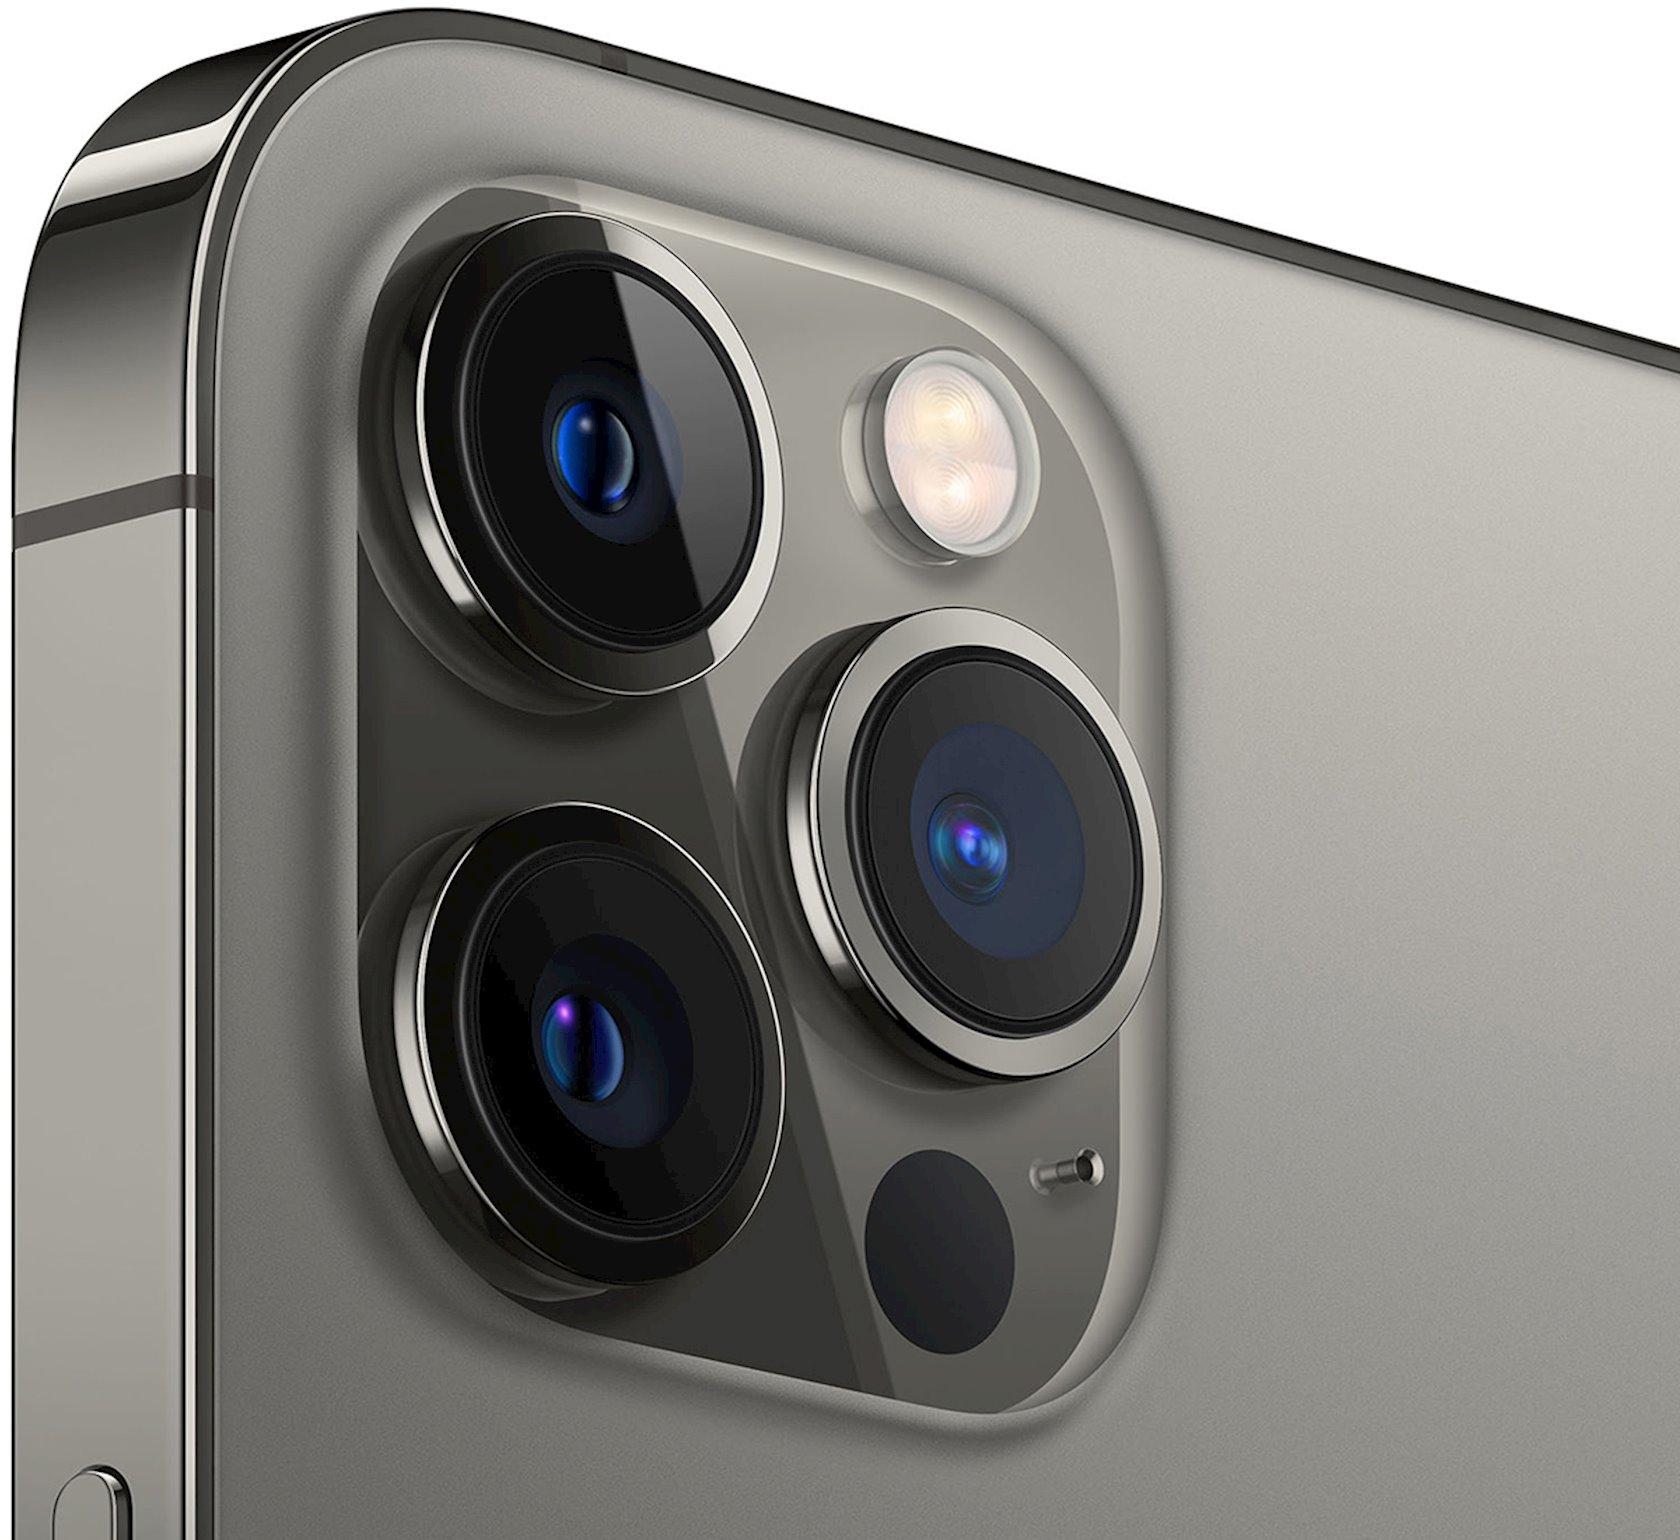 Smartfon Apple iPhone 12 Pro 128 Gb qrafit